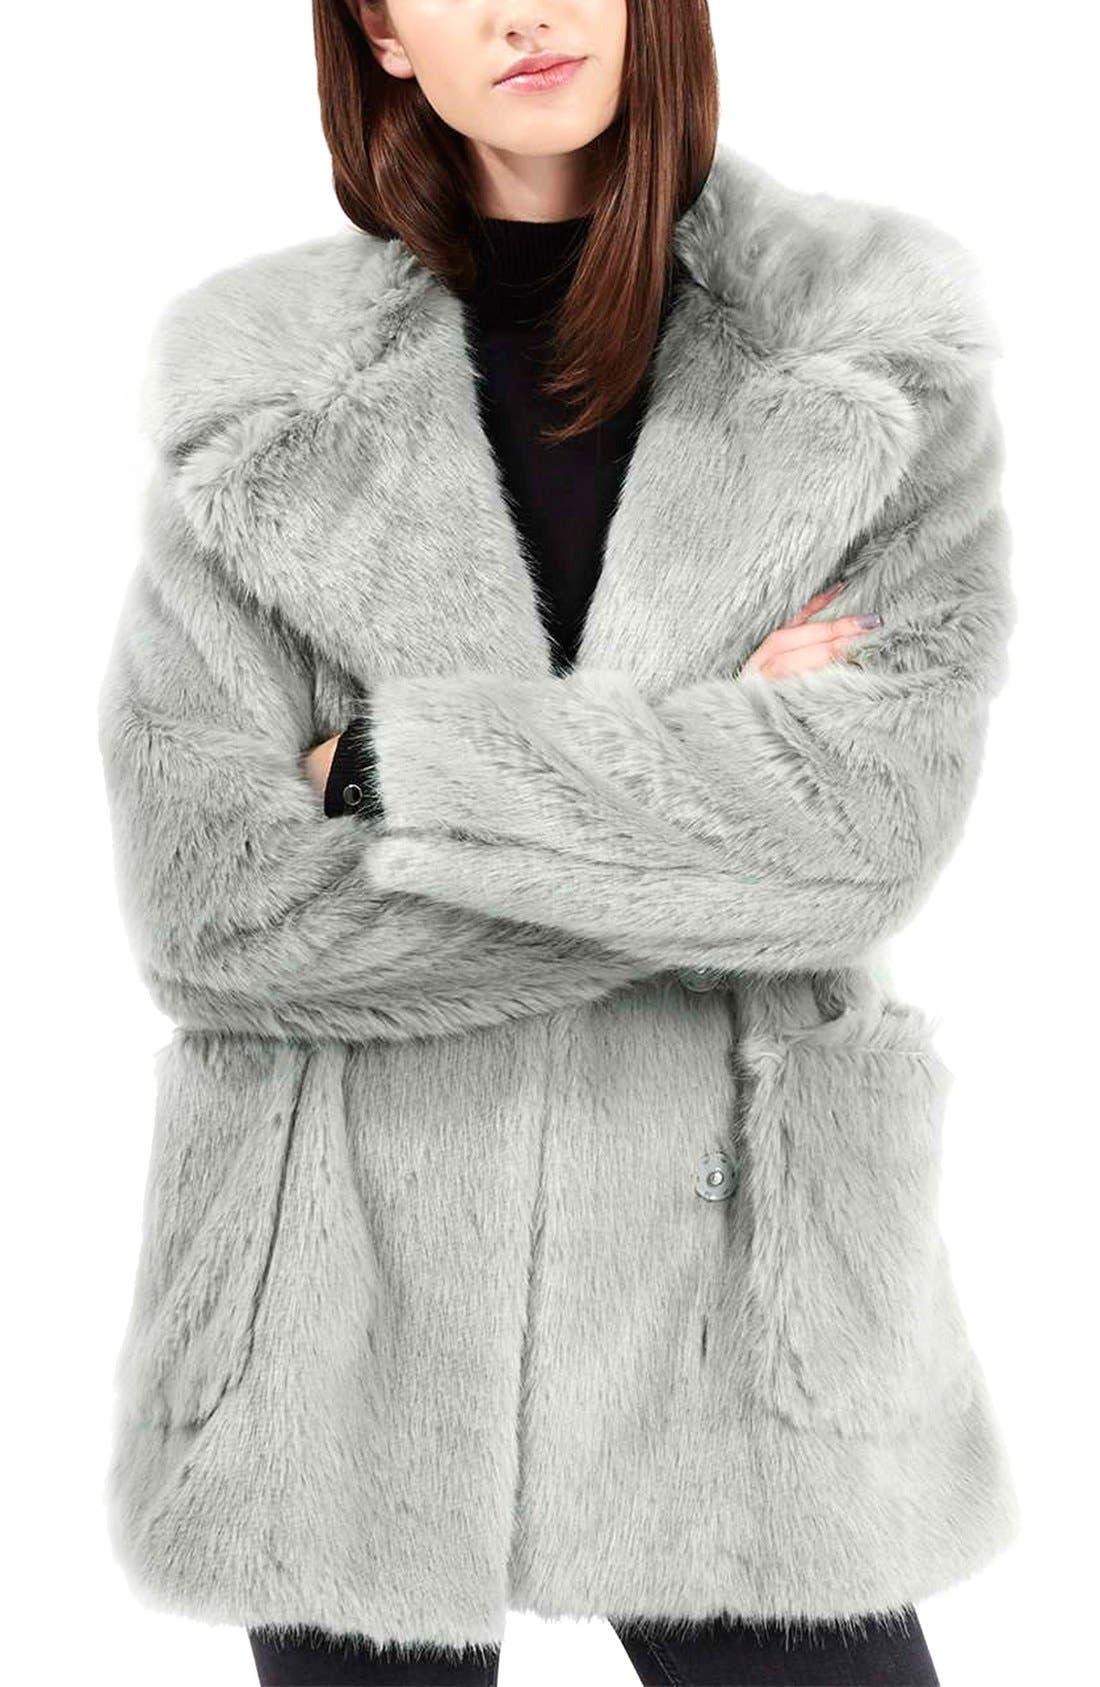 Alternate Image 1 Selected - Topshop 'Claire' Faux Fur Coat